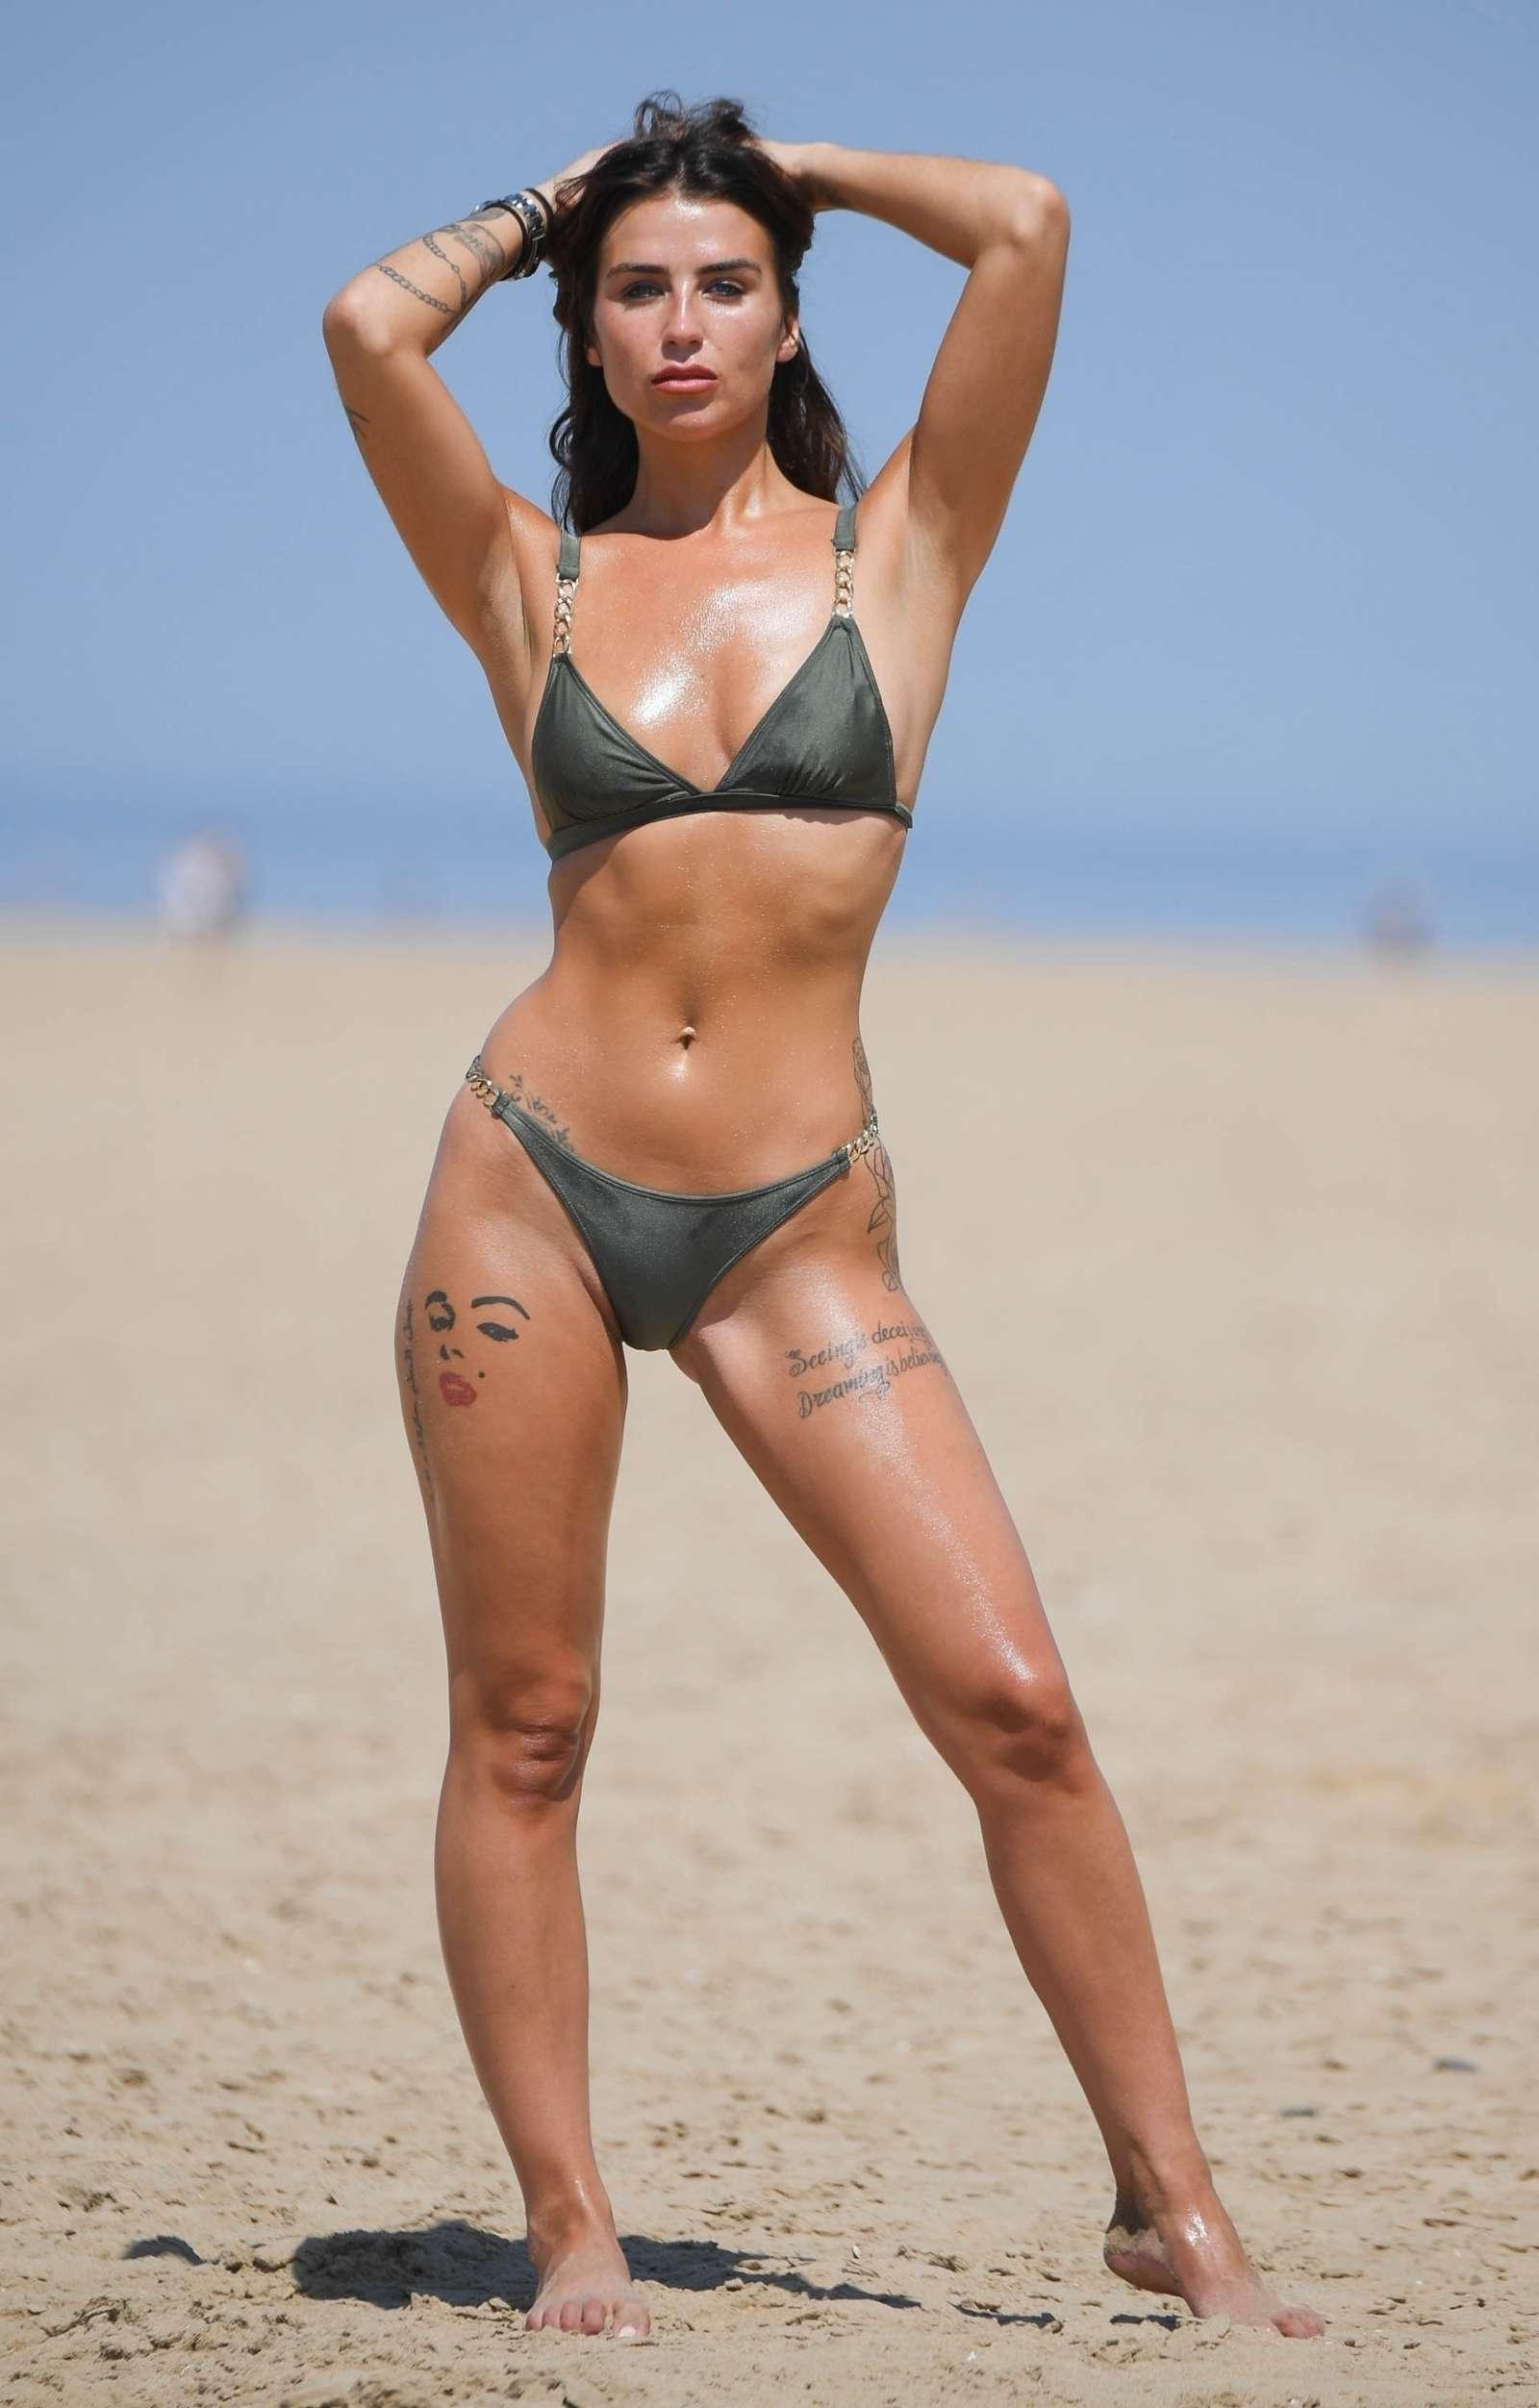 Jenny Thompson nude (22 foto), photo Bikini, Snapchat, in bikini 2017